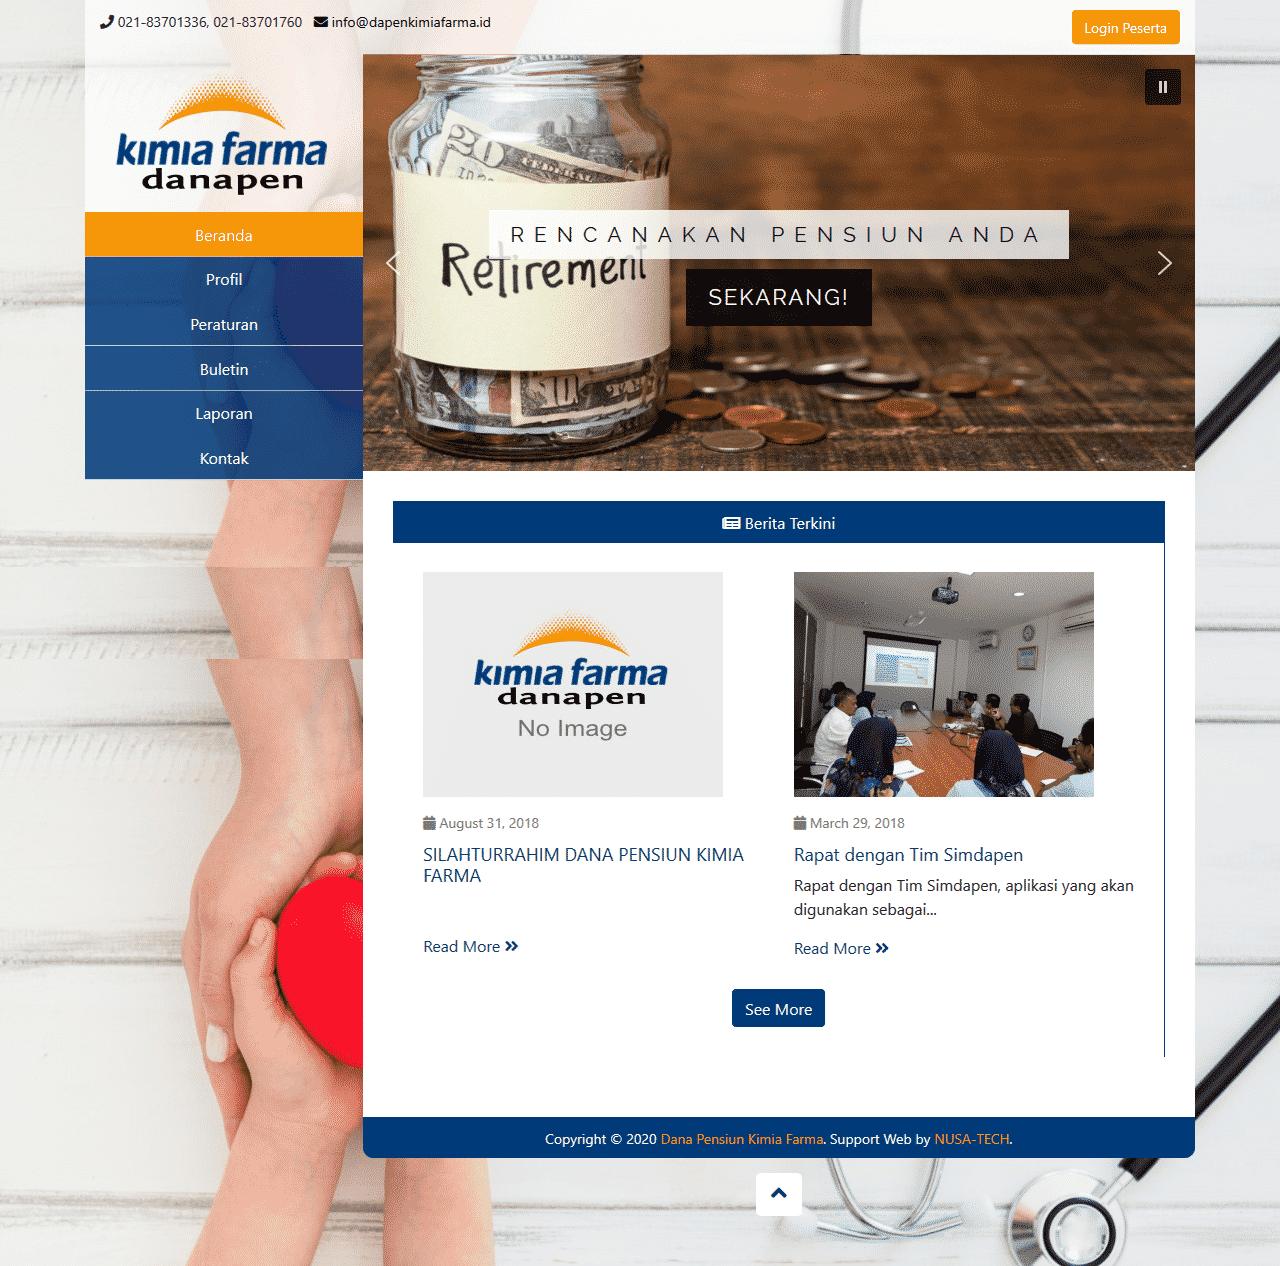 Jasa Pembuatan Website Dapenkimiafarma